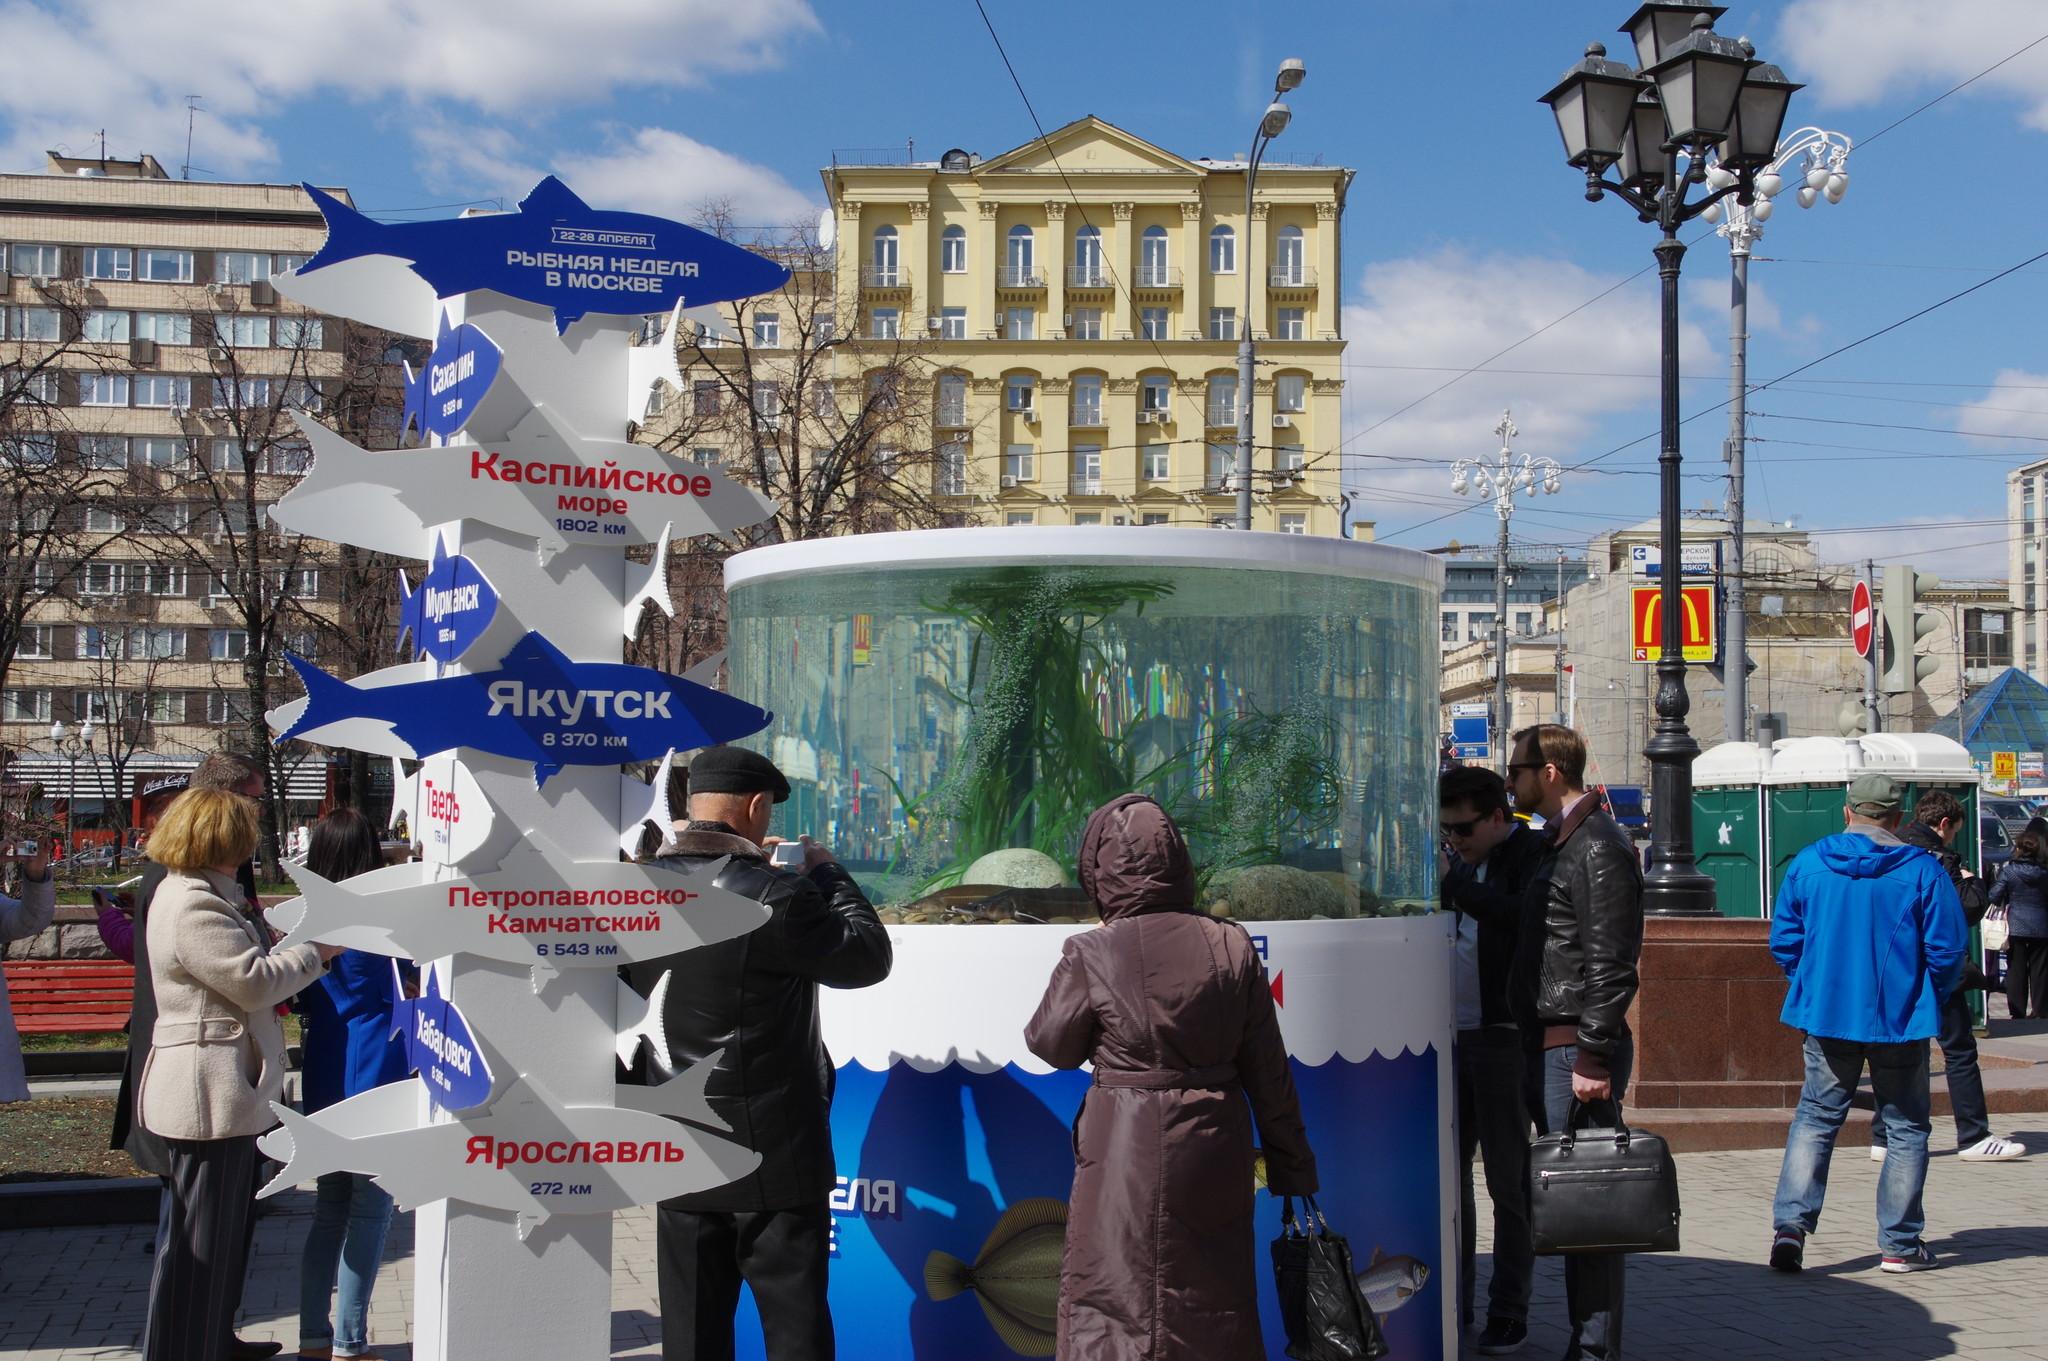 Фестиваль «Рыбная неделя» в Москве